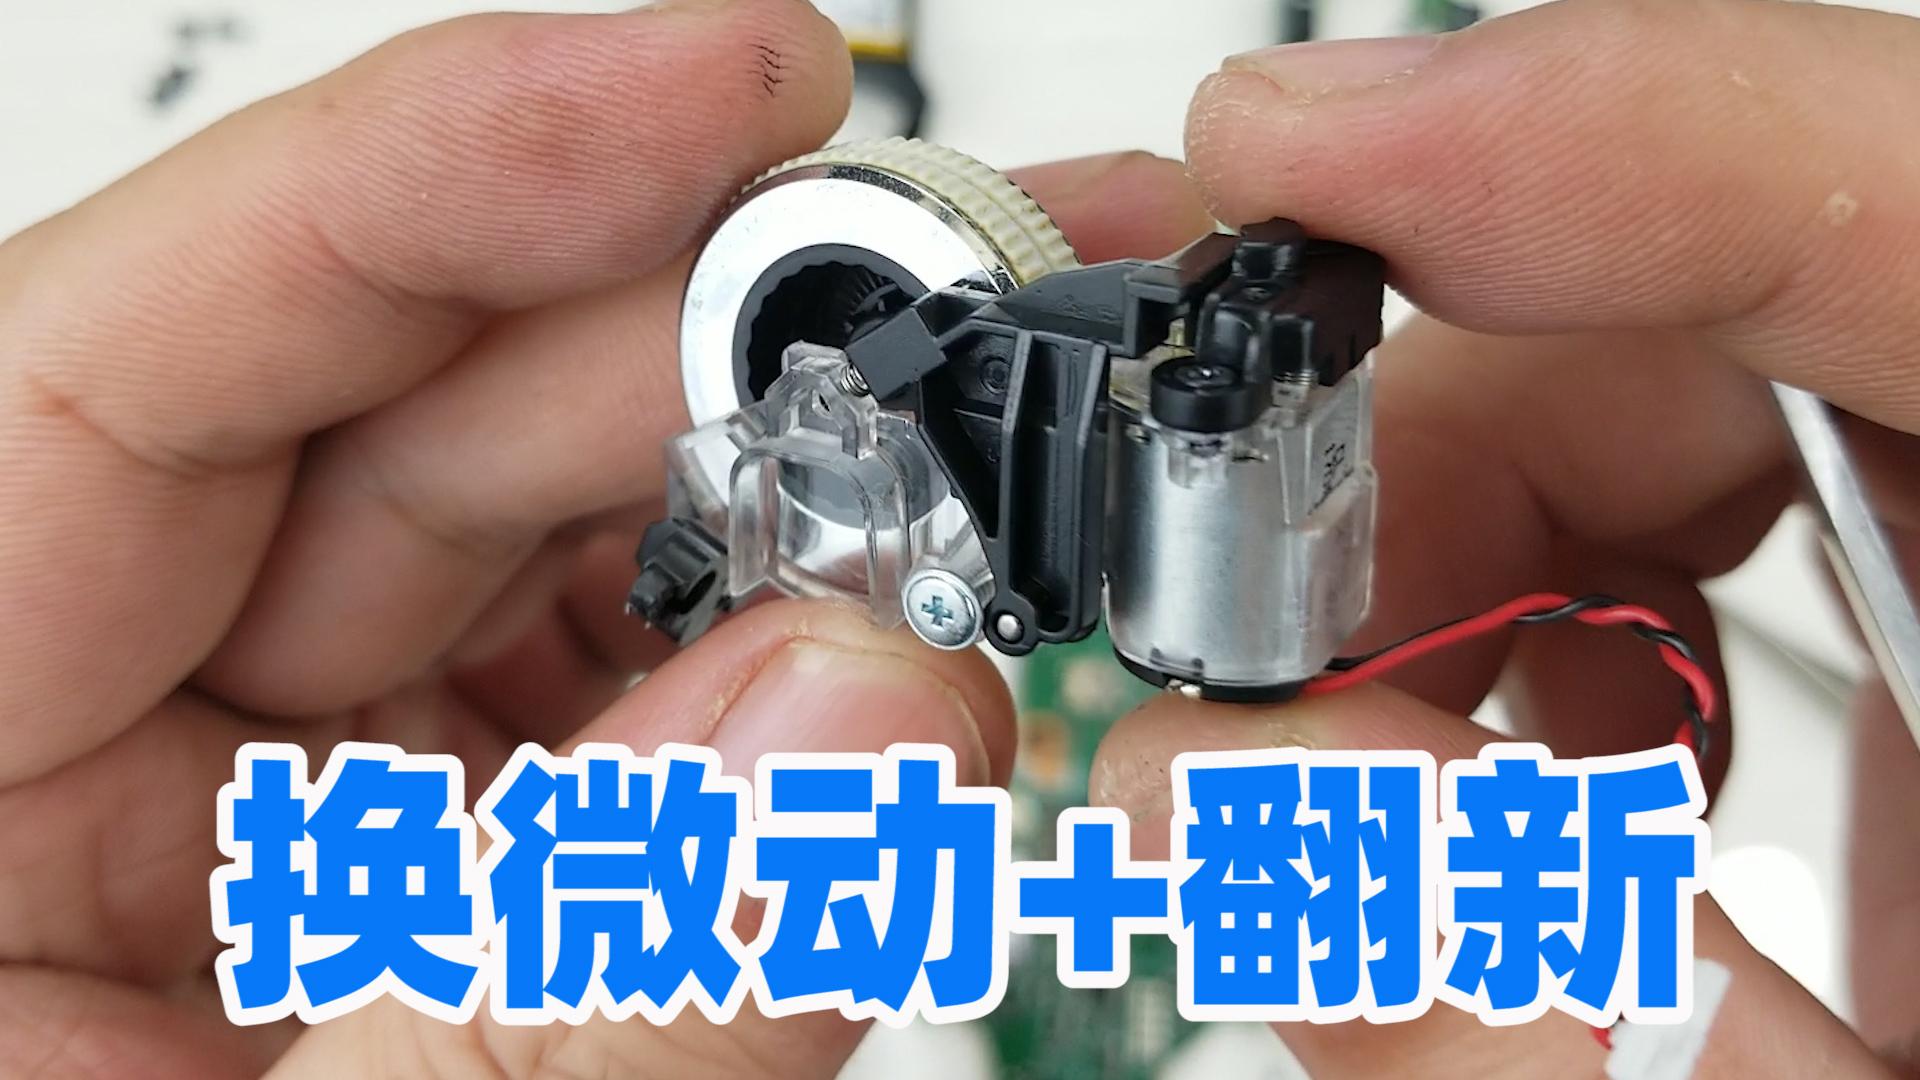 粉丝寄来罗技Master2S鼠标,拆开帮他更换微动开关和清洁翻新